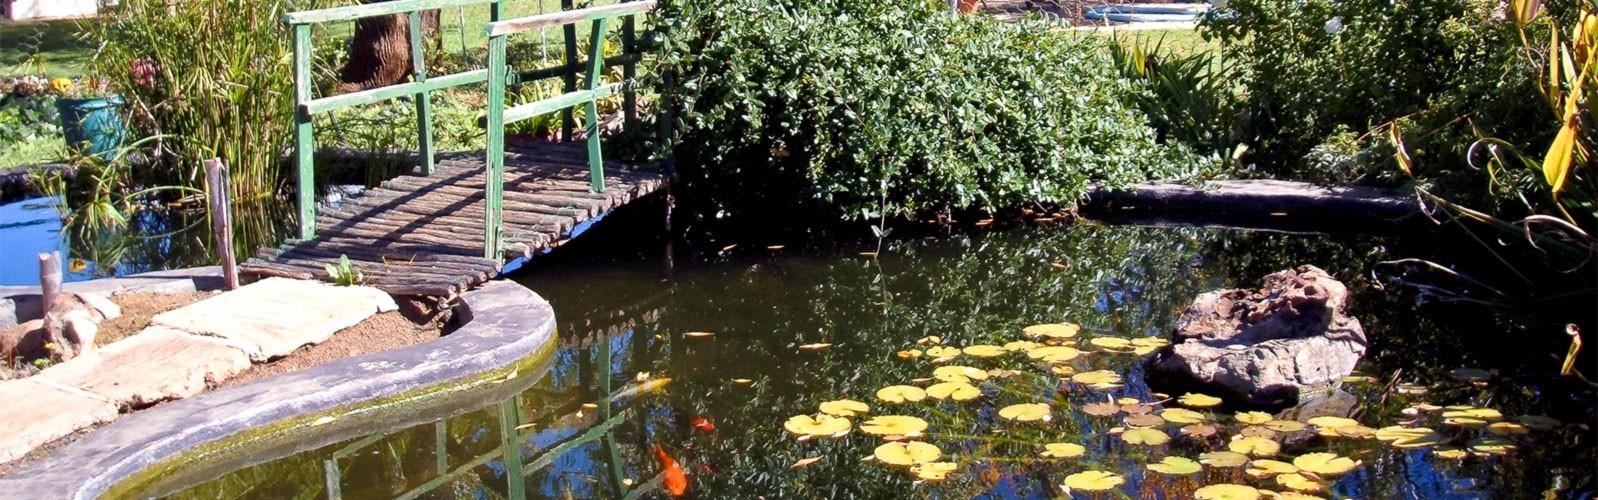 springfontein-accomodation-10